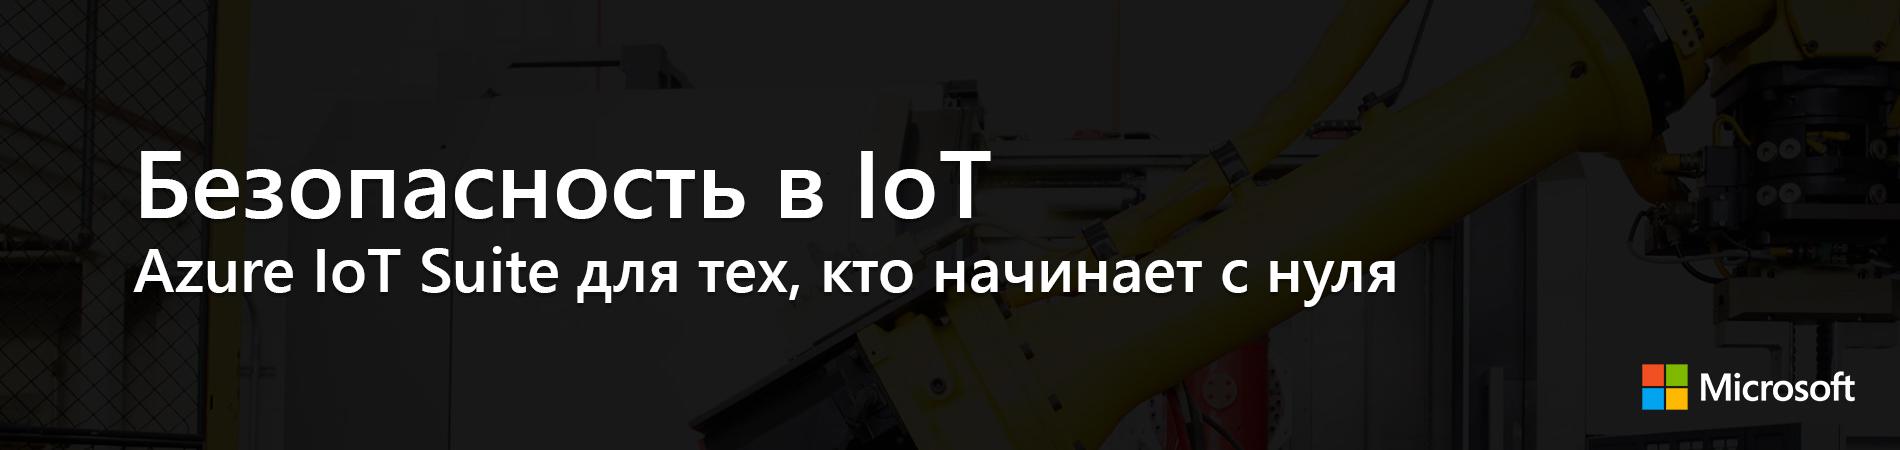 Безопасность в IoT: Azure IoT Suite для тех, кто начинает с нуля